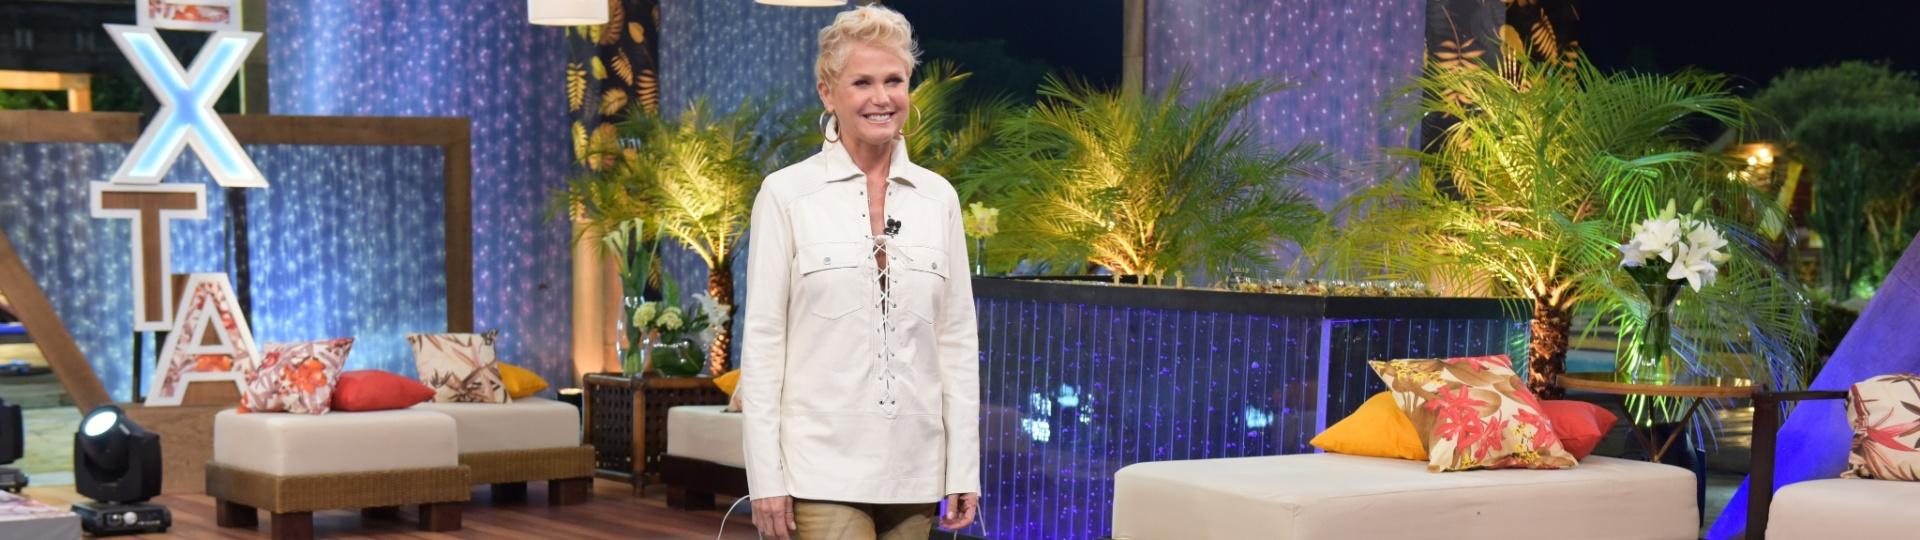 6.dez.2015 - A apresentadora Xuxa visitou